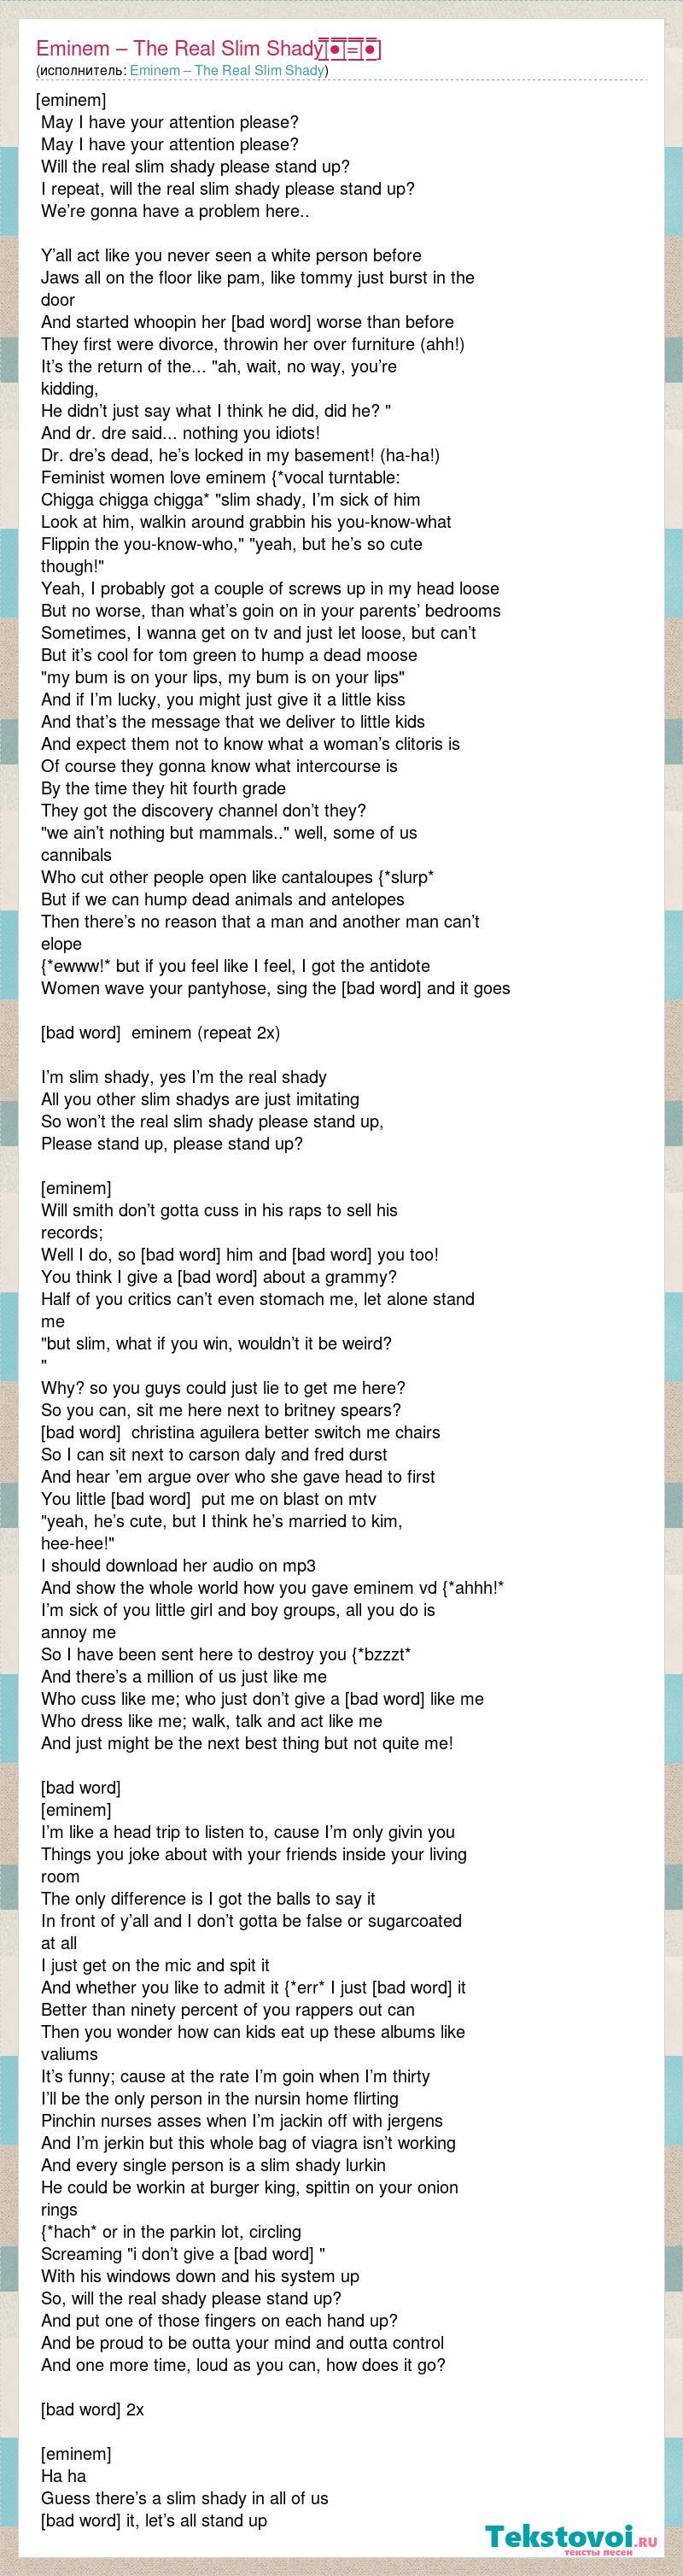 Eminem – The Real Slim Shady: Eminem – The Real Slim Shady